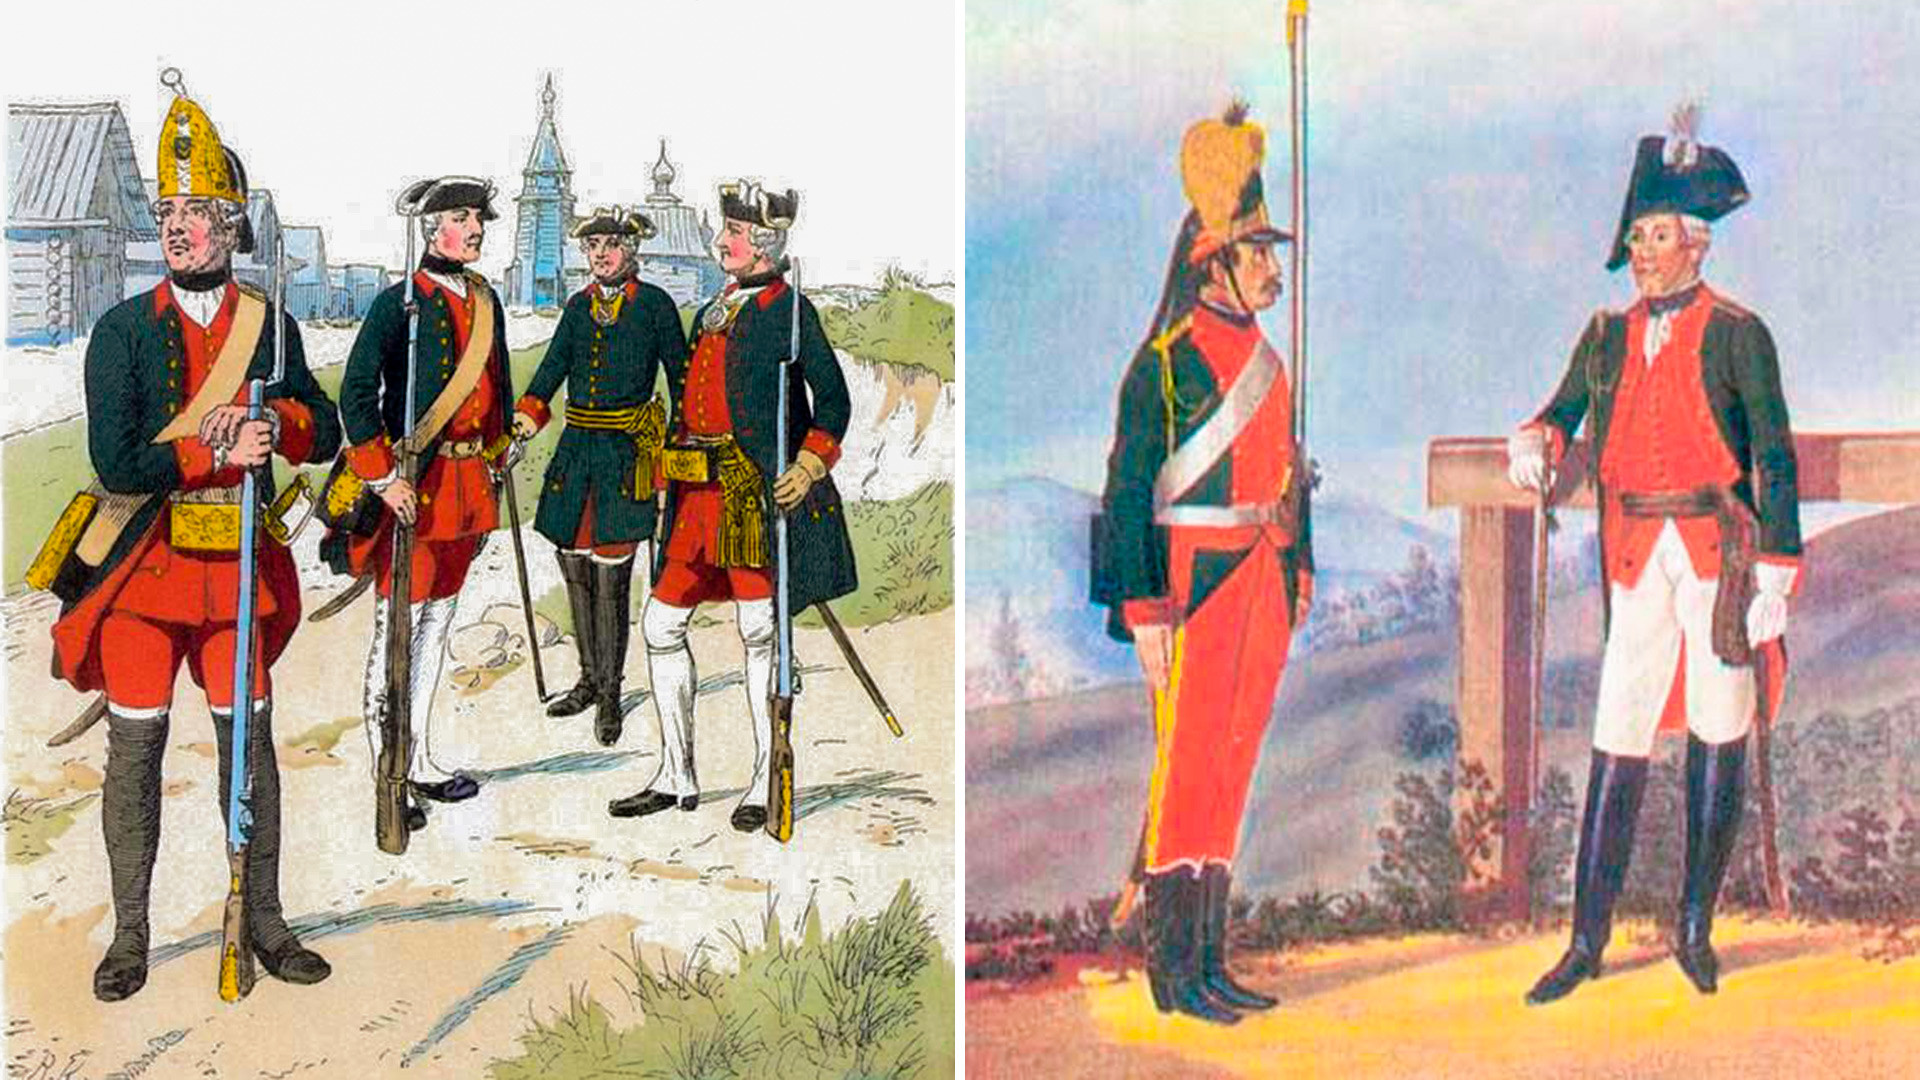 軍制改革。前と後で